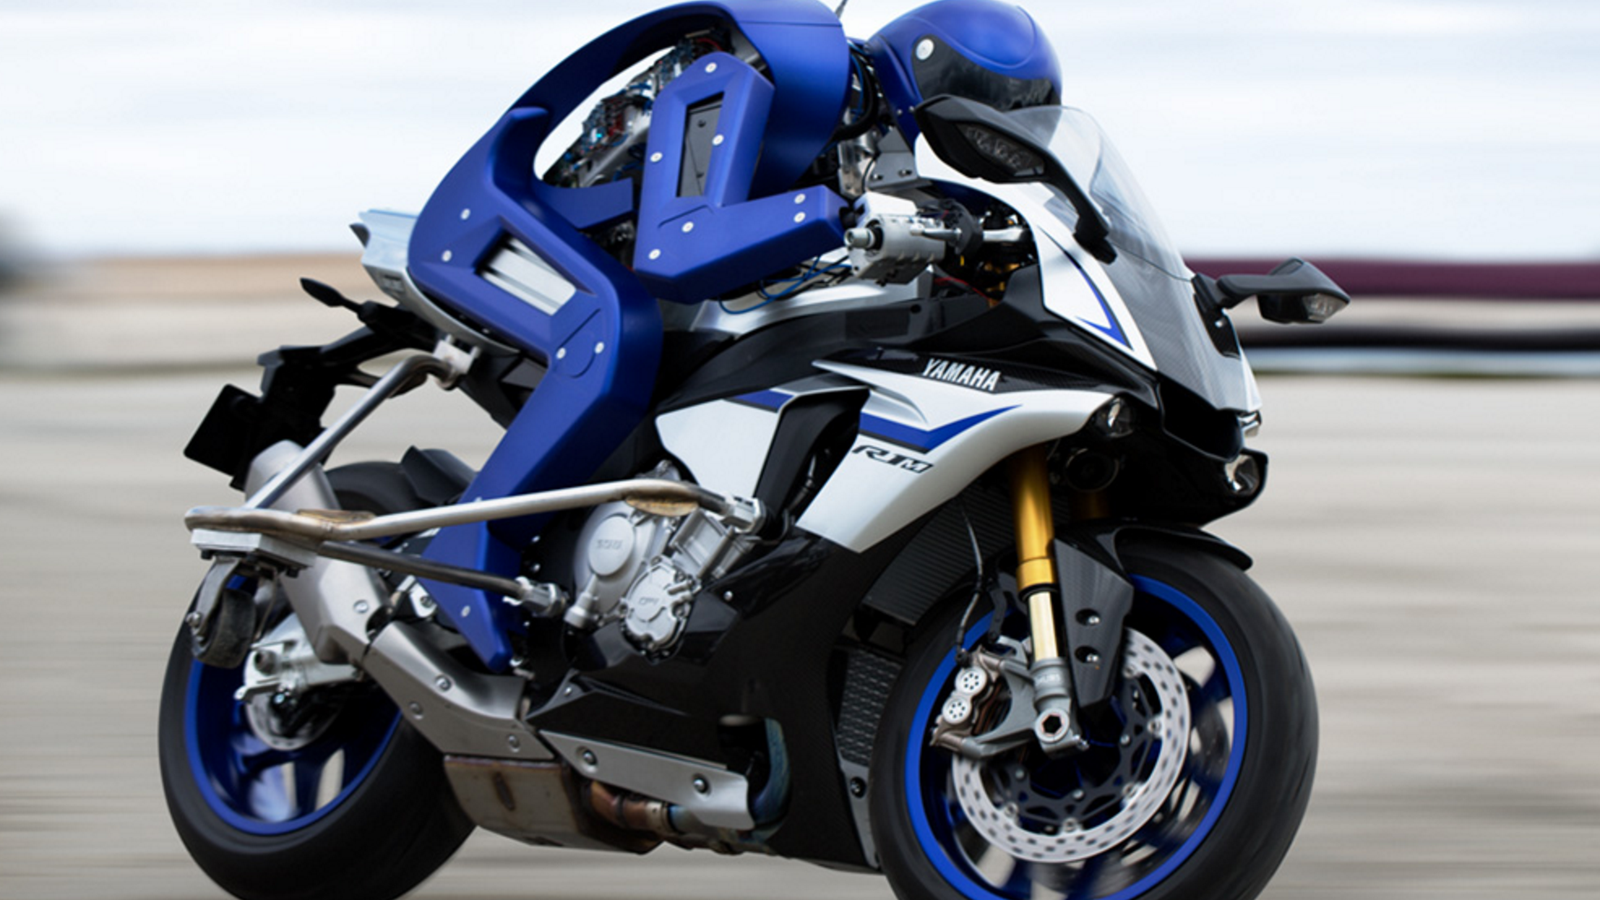 Yamaha 成功打造「摩托機器人」,並已對 MotoGP 世界冠軍發出挑戰書!